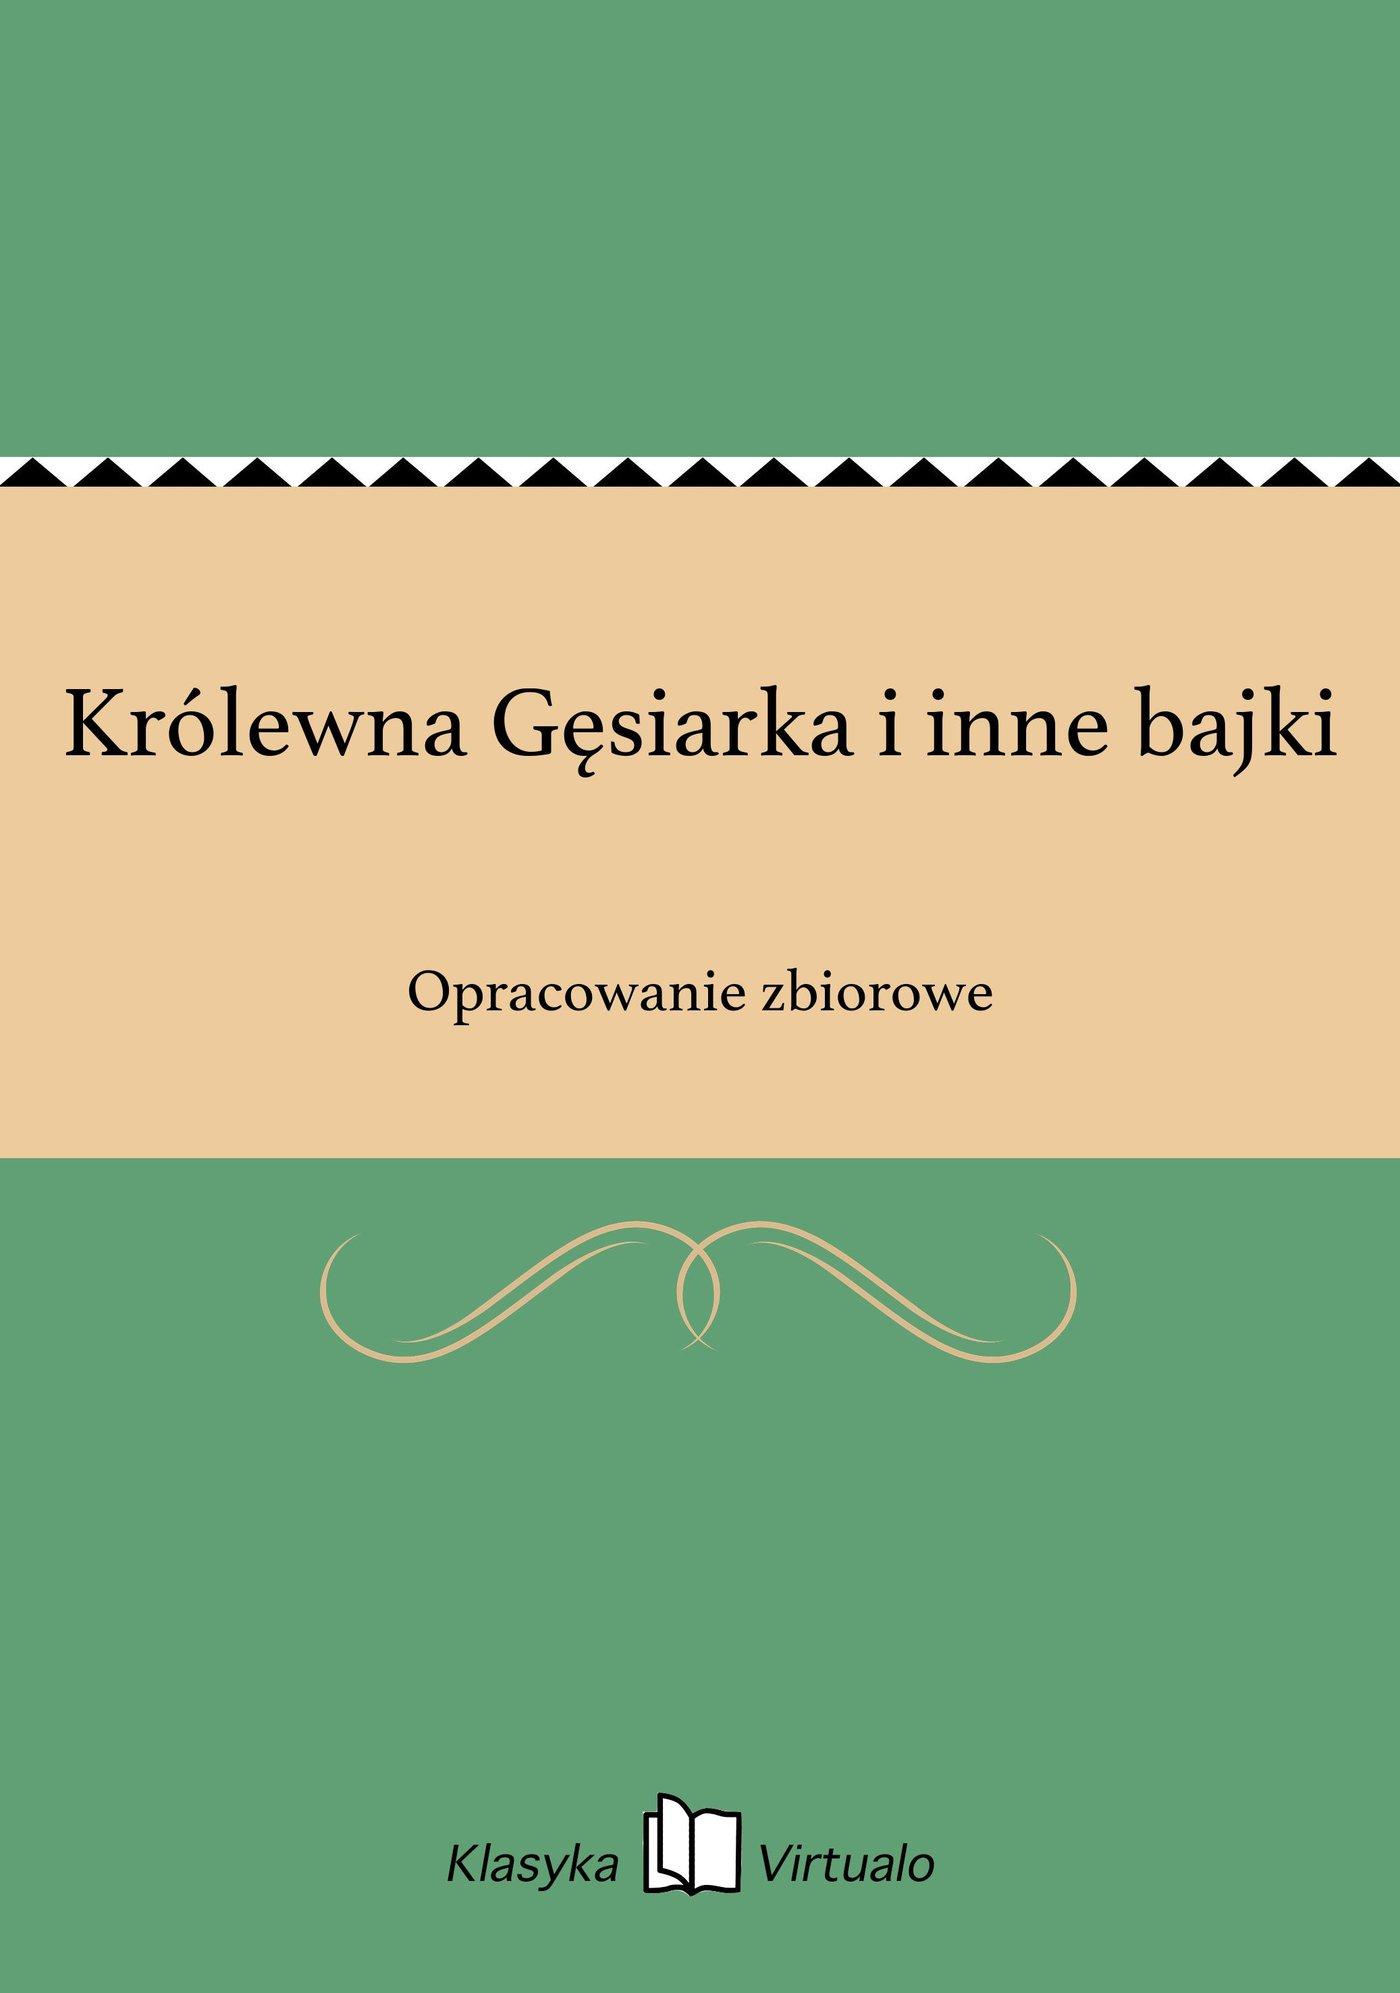 Królewna Gęsiarka i inne bajki - Ebook (Książka EPUB) do pobrania w formacie EPUB